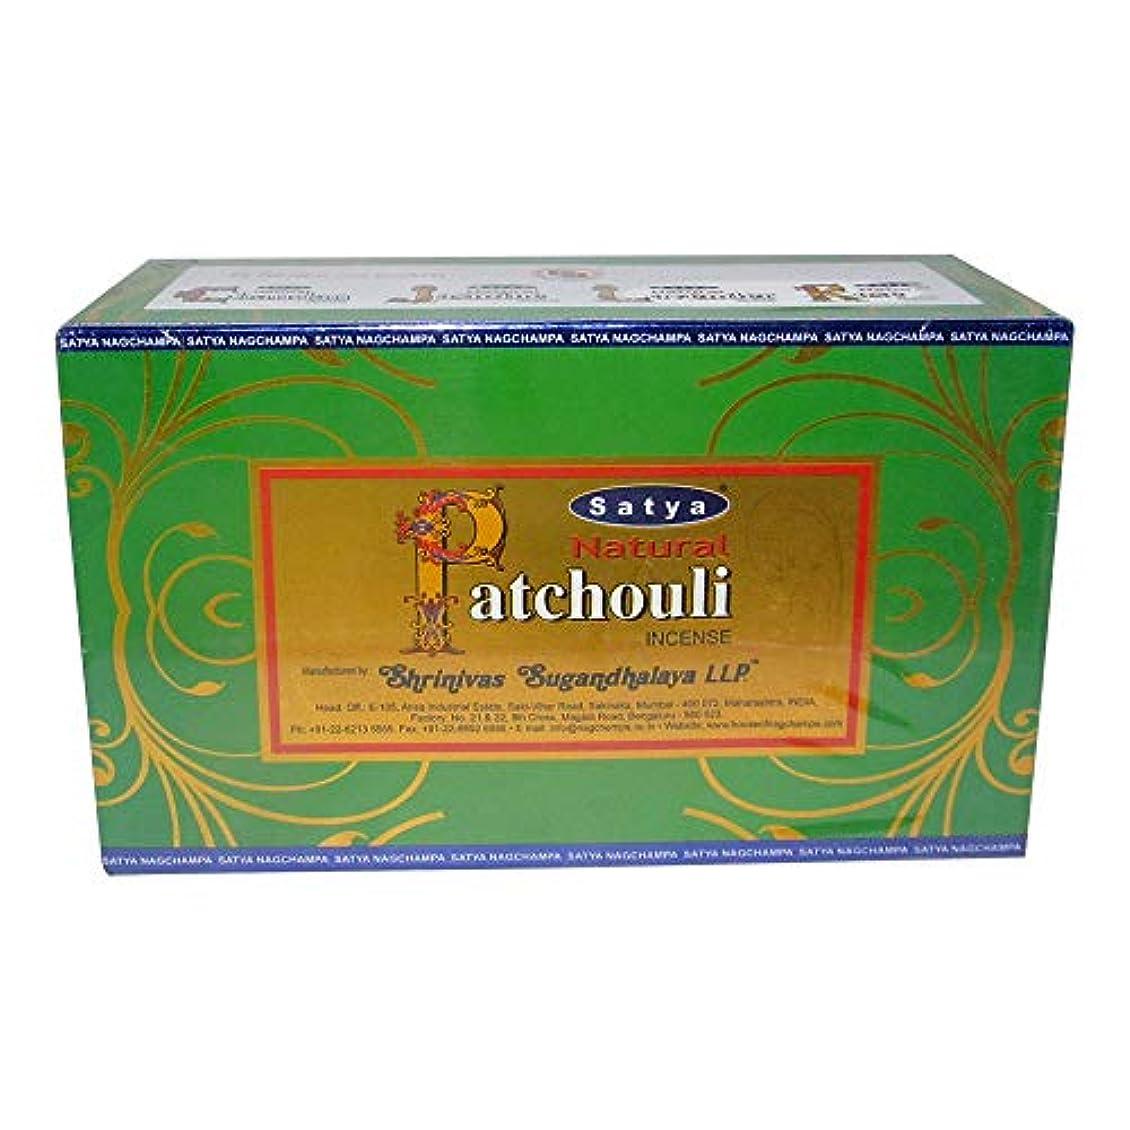 ゴミ箱思い出させる滴下自然Patchouli Incense Sticks – By Satya Nag Champa – パックof 15 g x 12ボックス – 180 g合計